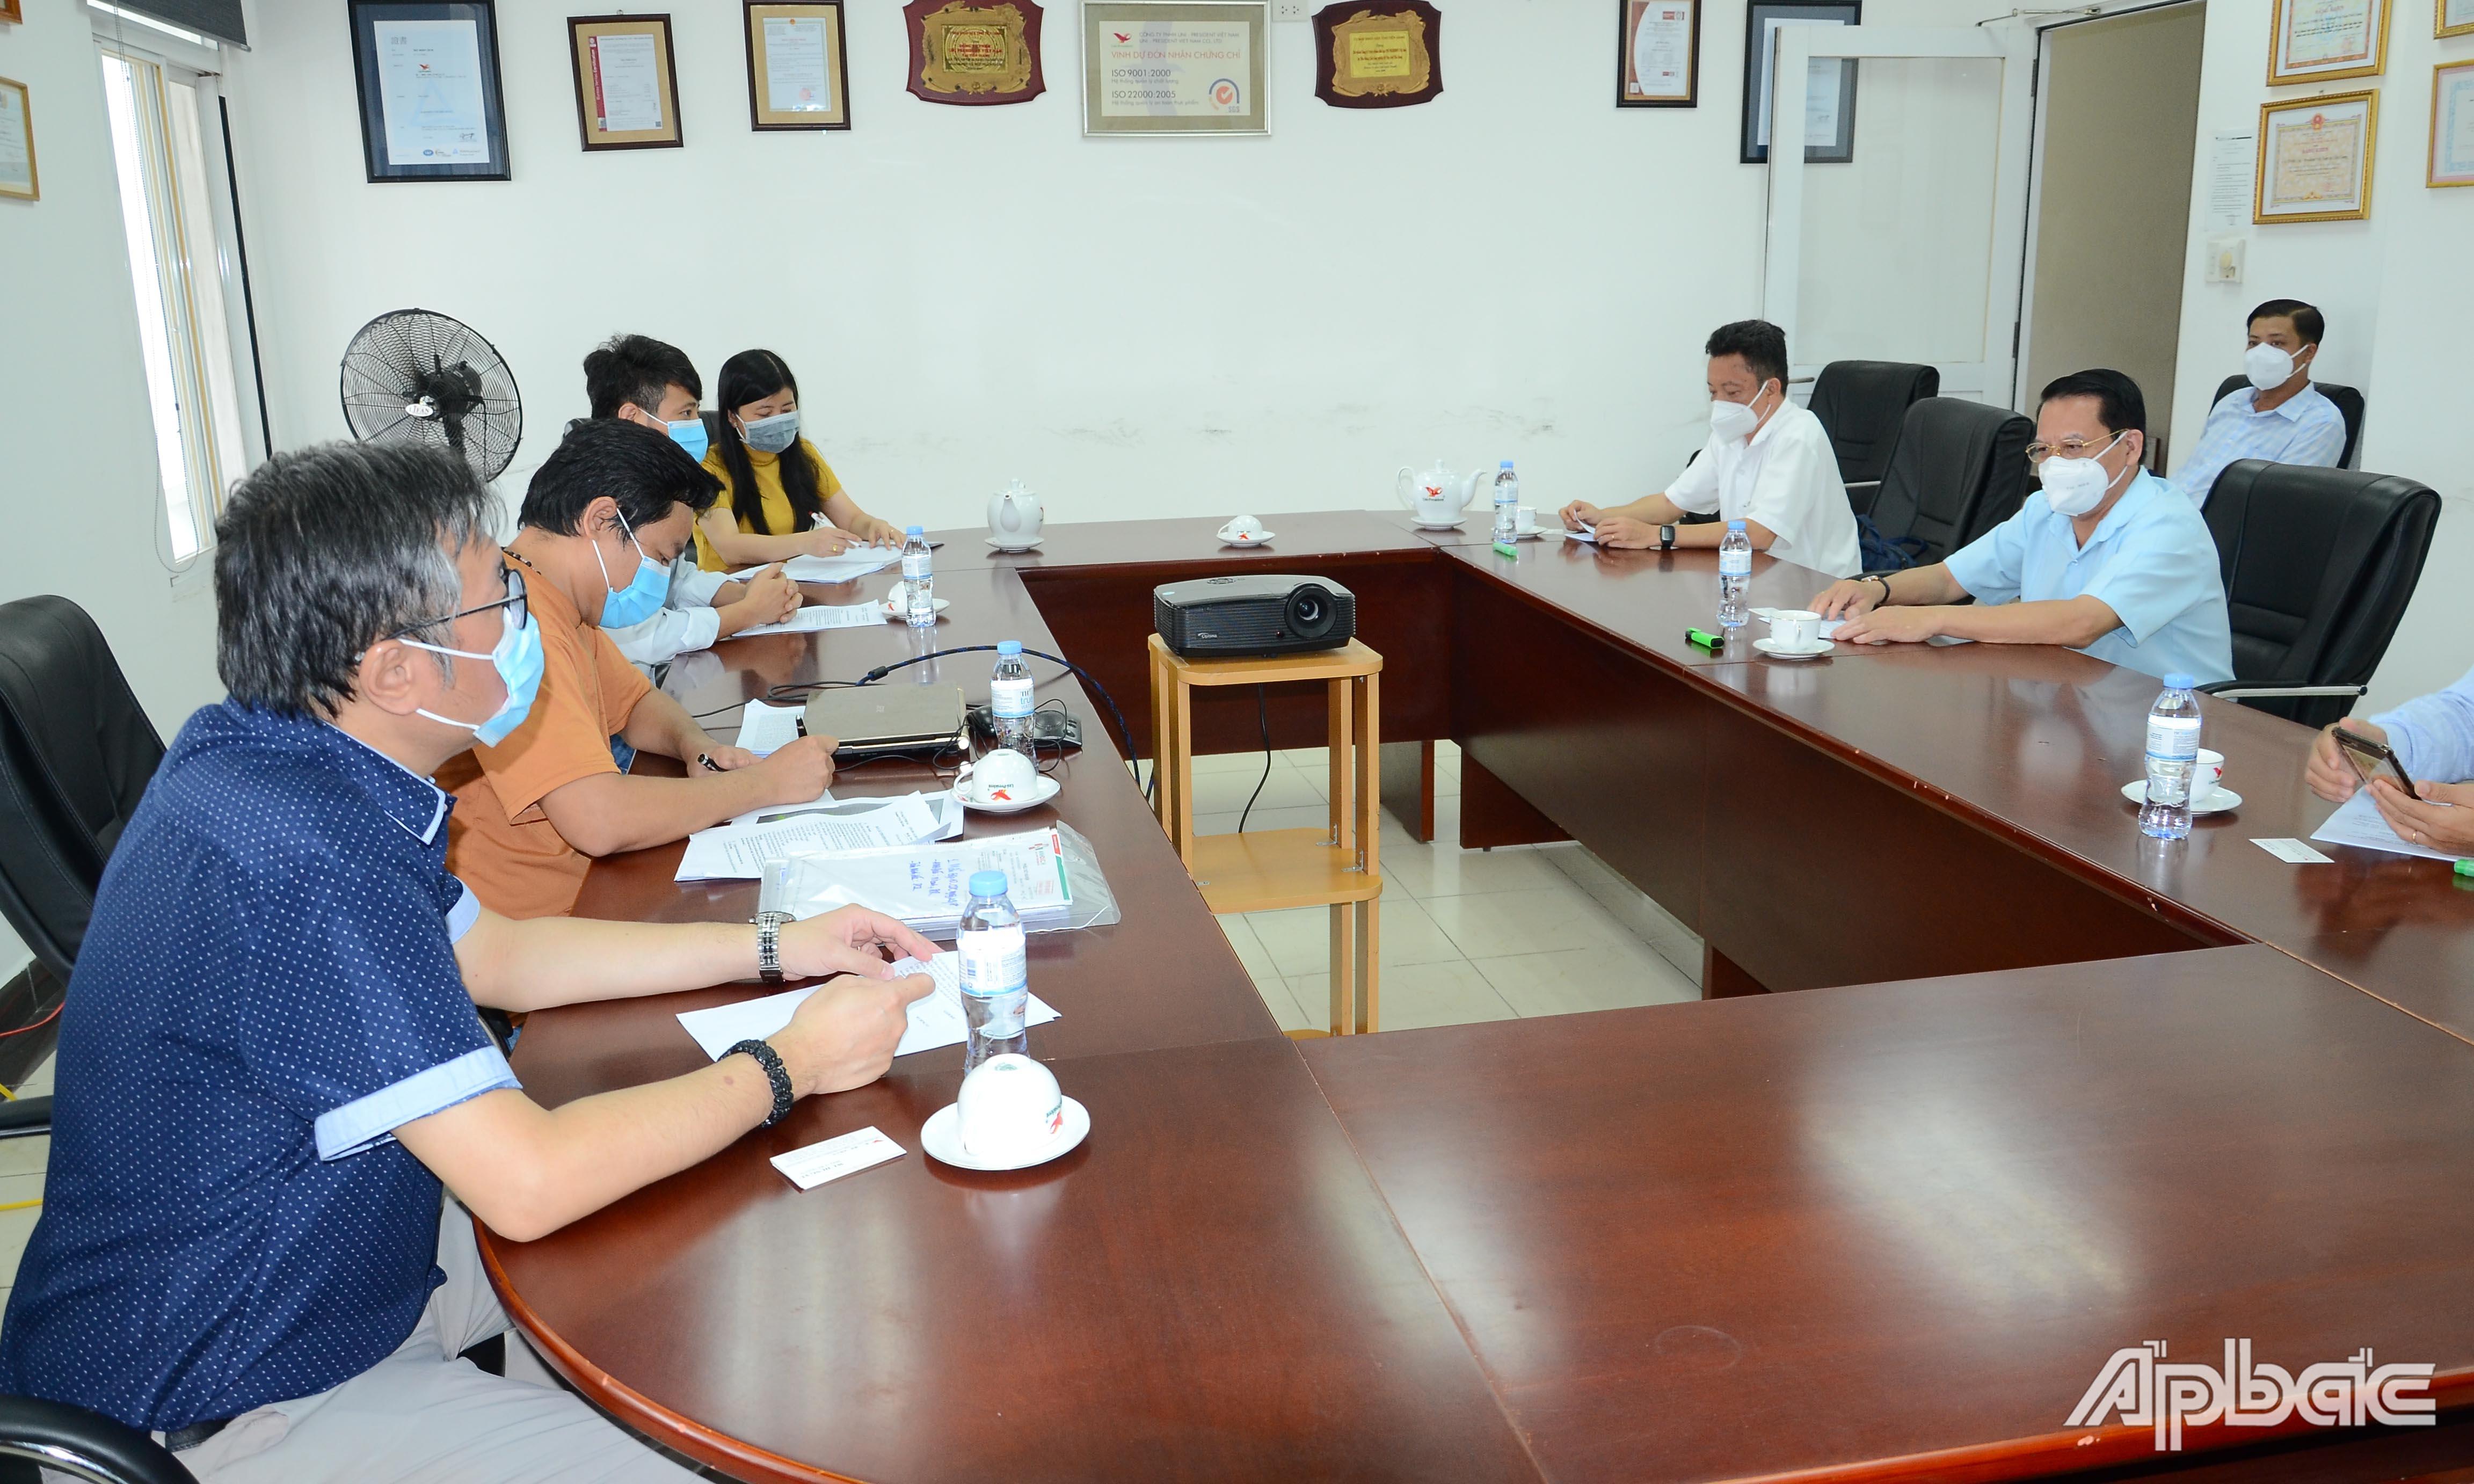 Đồng chí Phạm Văn Trọng tìm hiểu hoạt động tại Công ty TNHH Uni - President Việt Nam.